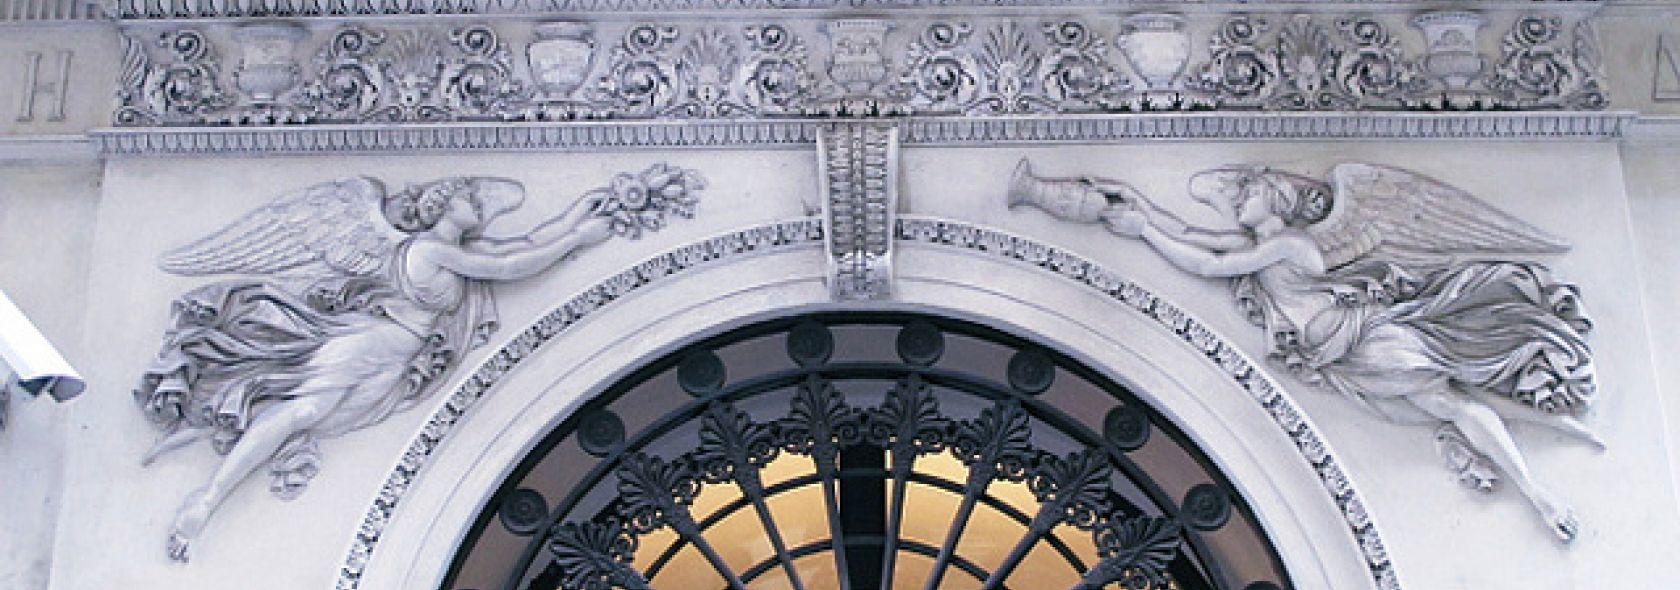 Museo del Risorgimento  - Rinaldi©genovacittadigitale